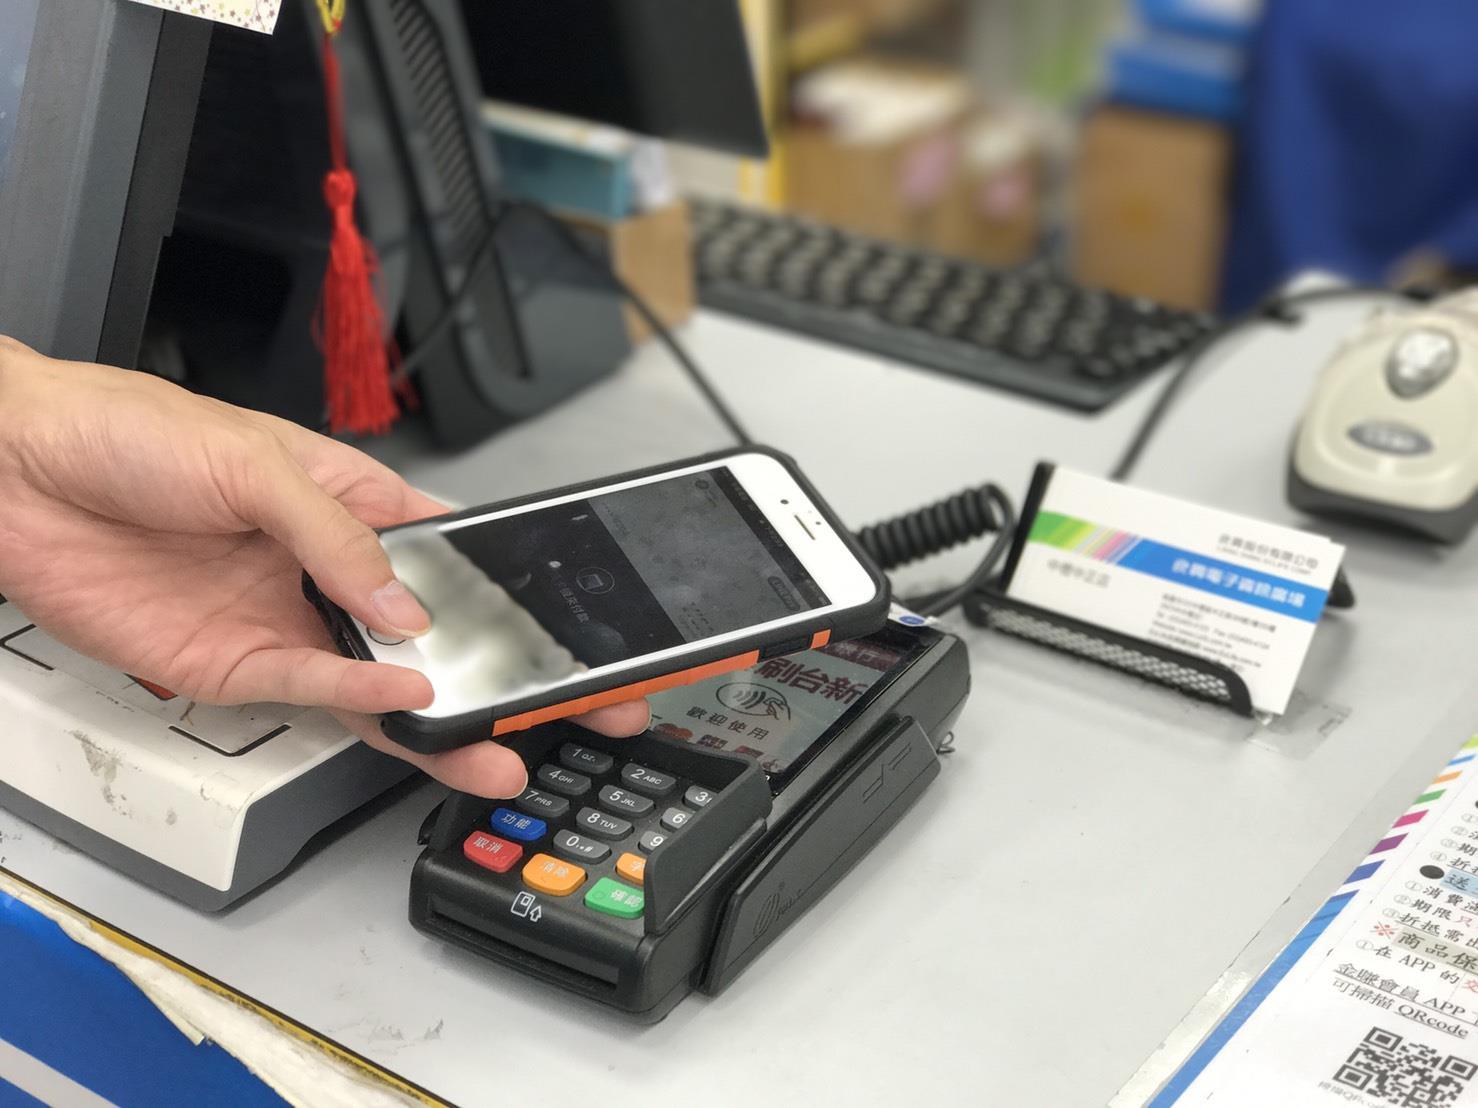 良興消費支付新選擇 導入全新行動支付服務